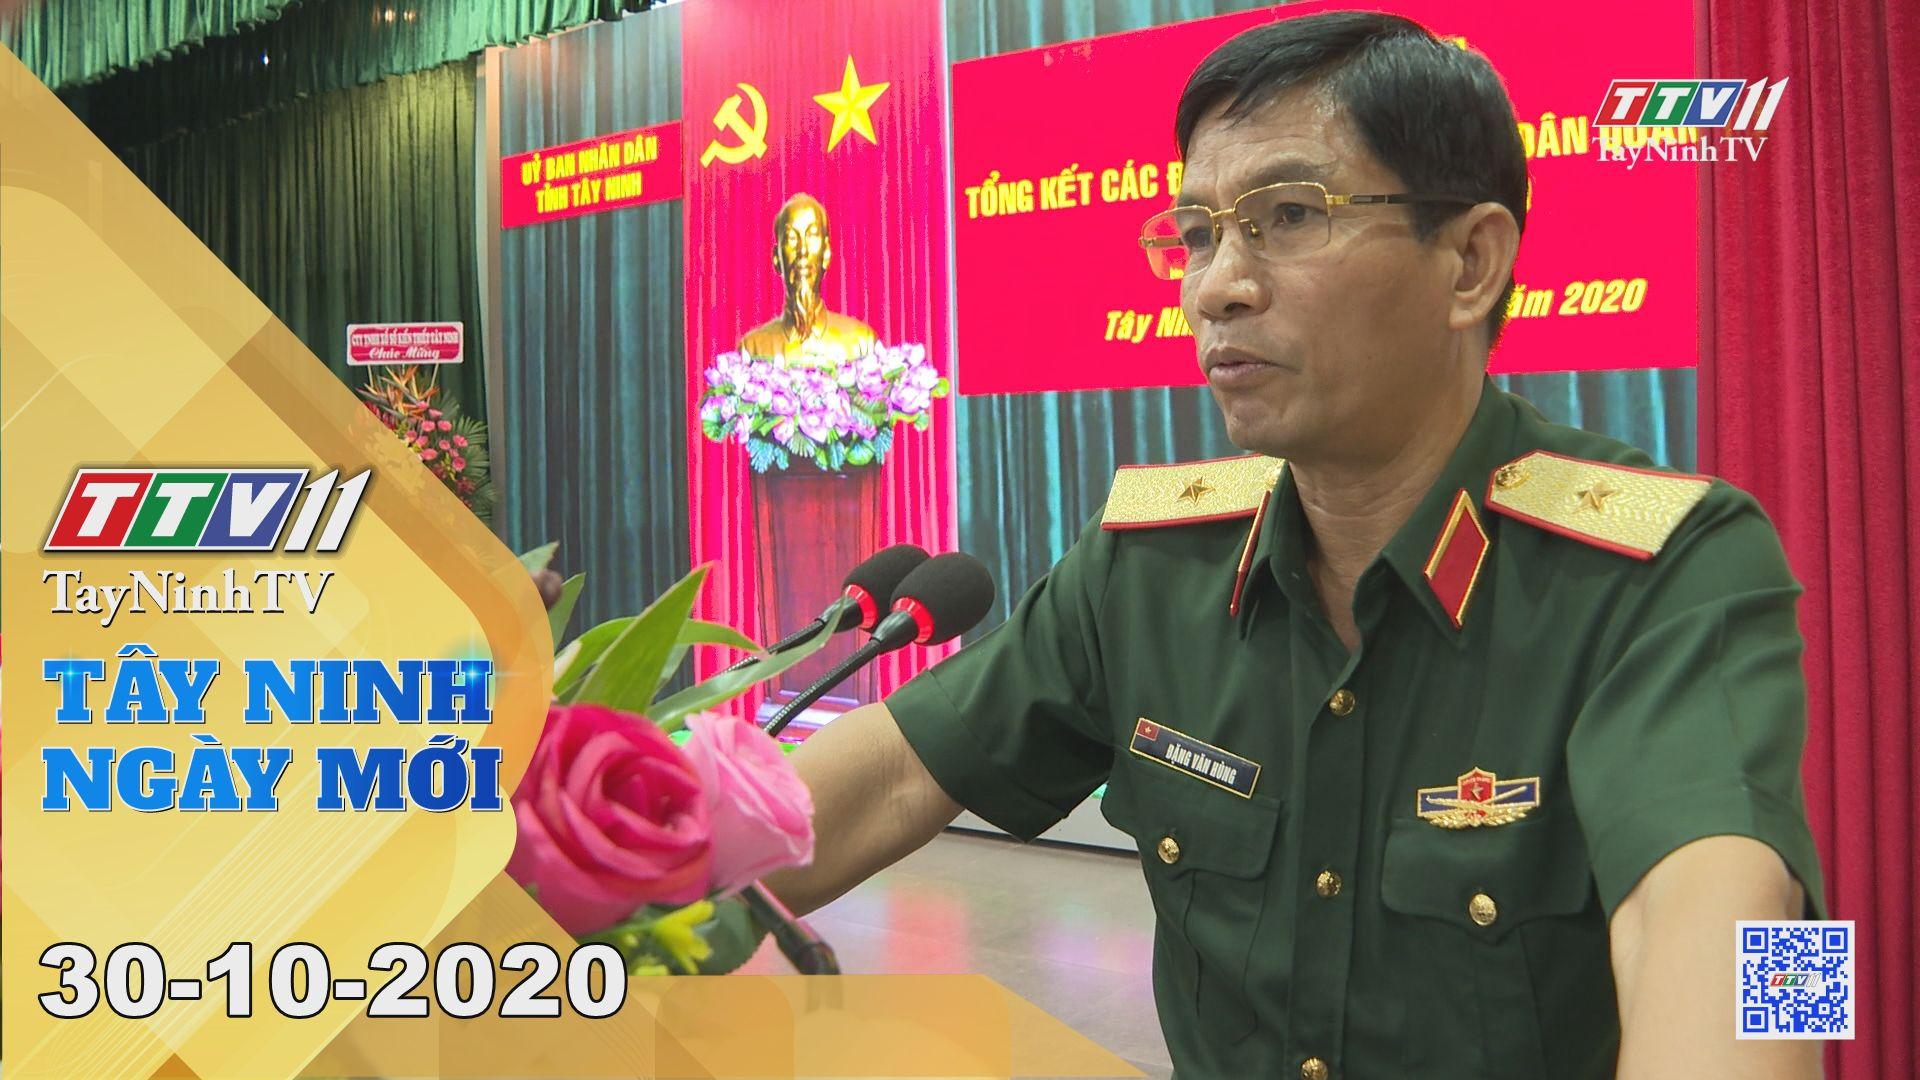 Tây Ninh Ngày Mới 30-10-2020 | Tin tức hôm nay | TayNinhTV